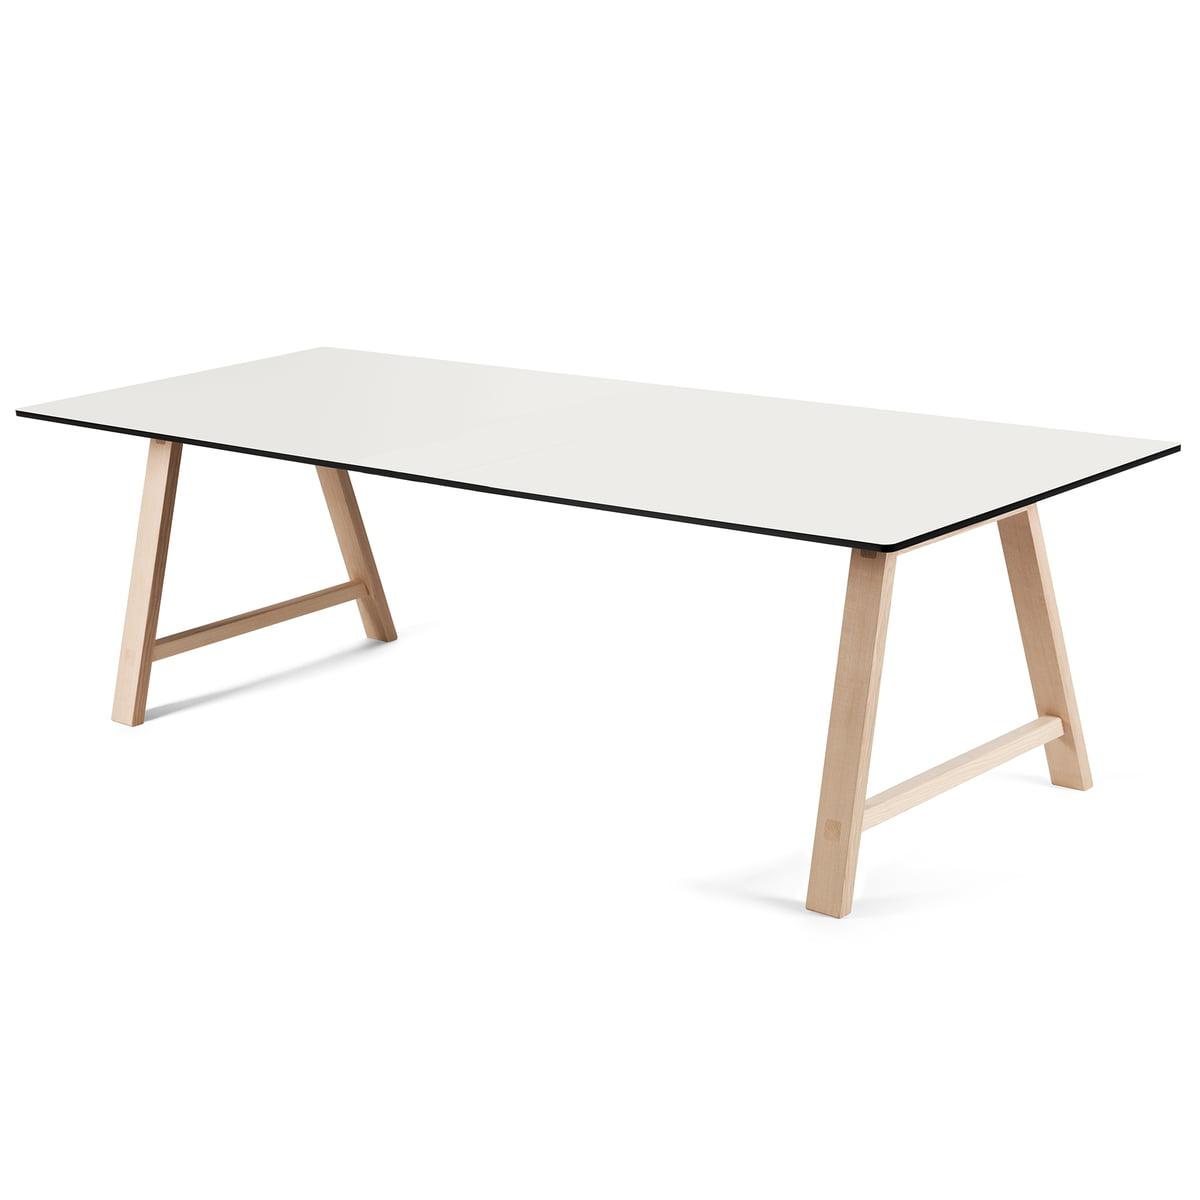 Andersen Furniture - T1 Ausziehtisch 220 cm, Eiche geseift / Laminat weiß   Baumarkt > Bodenbeläge   Weiß   Andersen Furniture